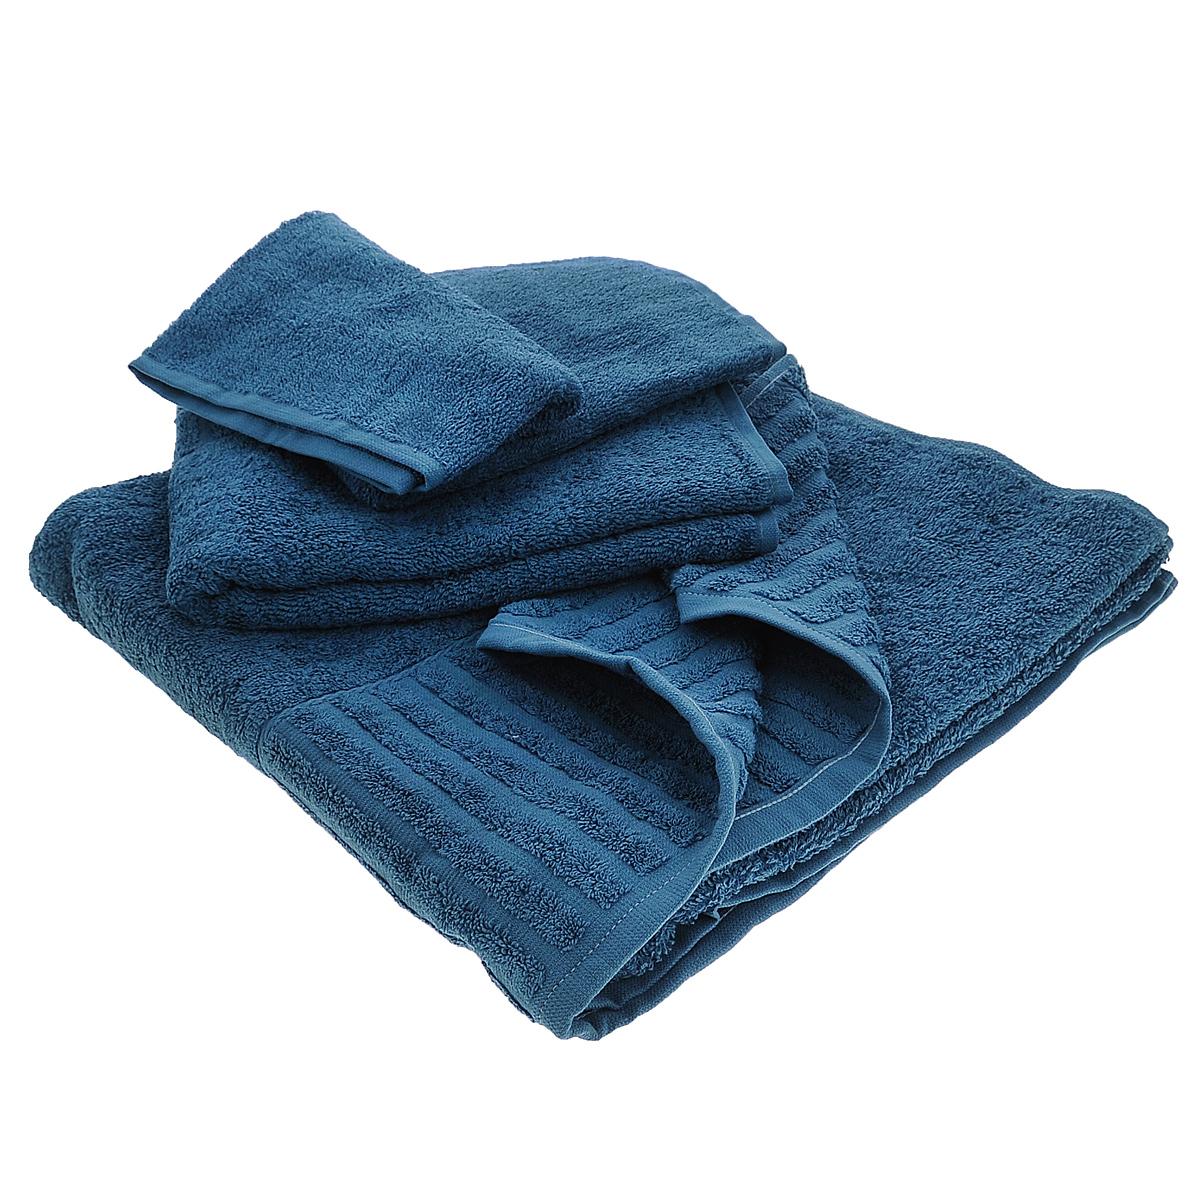 Набор махровых полотенец Bonita, цвет: черничный, 3 шт68/5/1Набор Bonita состоит из трех полотенец разного размера, выполненных из натурального хлопка. Такие полотенца отлично впитывают влагу, быстро сохнут, сохраняют яркость цвета и не теряют формы даже после многократных стирок. Полотенца очень практичны и неприхотливы в уходе. Размер полотенец: 40 см х 70 см; 50 см х 90 см; 70 см х 140 см.